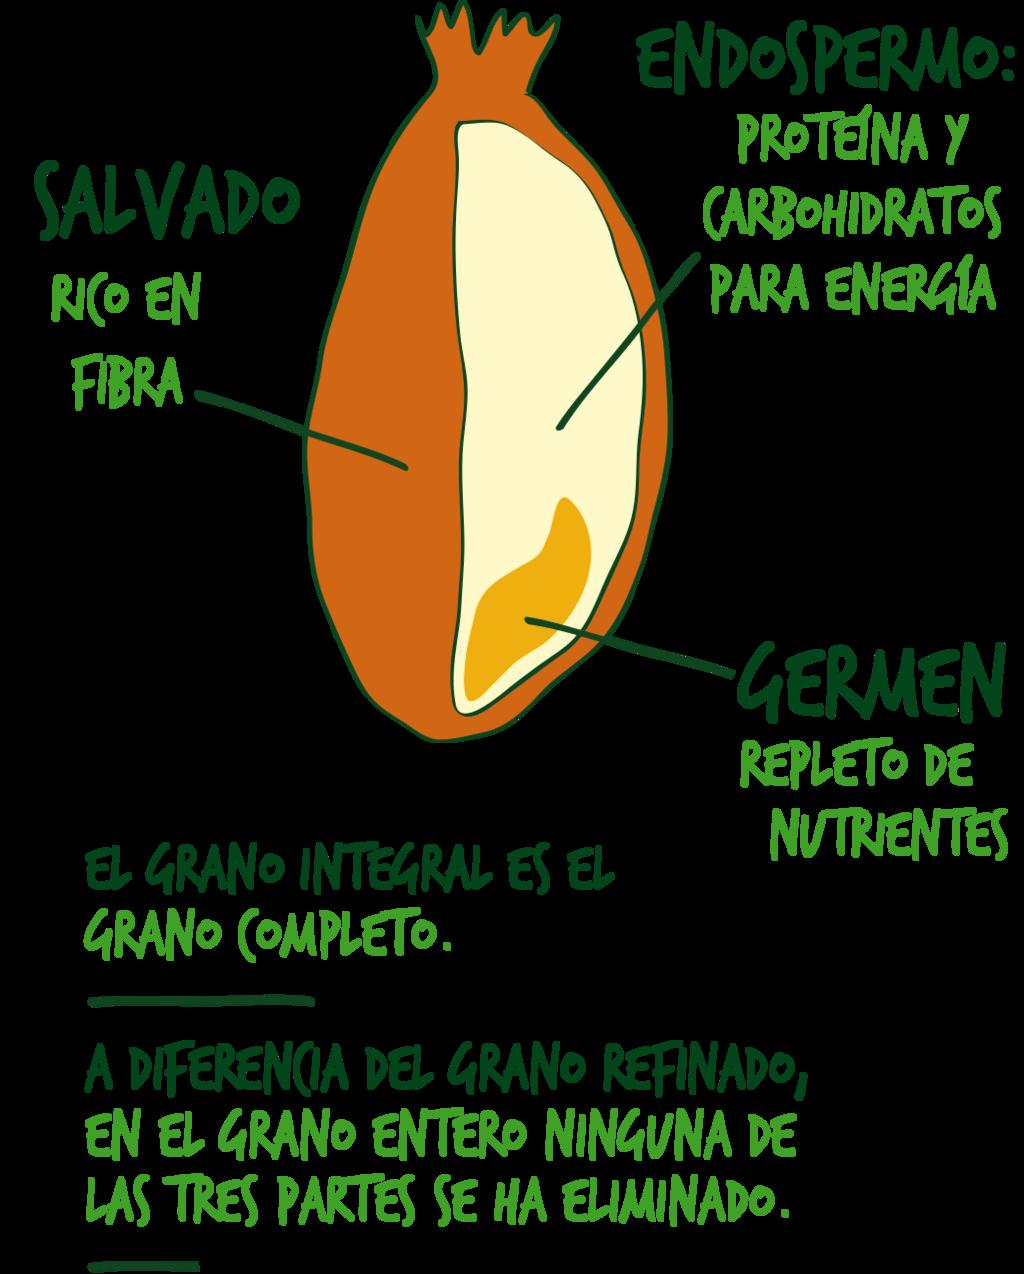 grano integral vs refinado